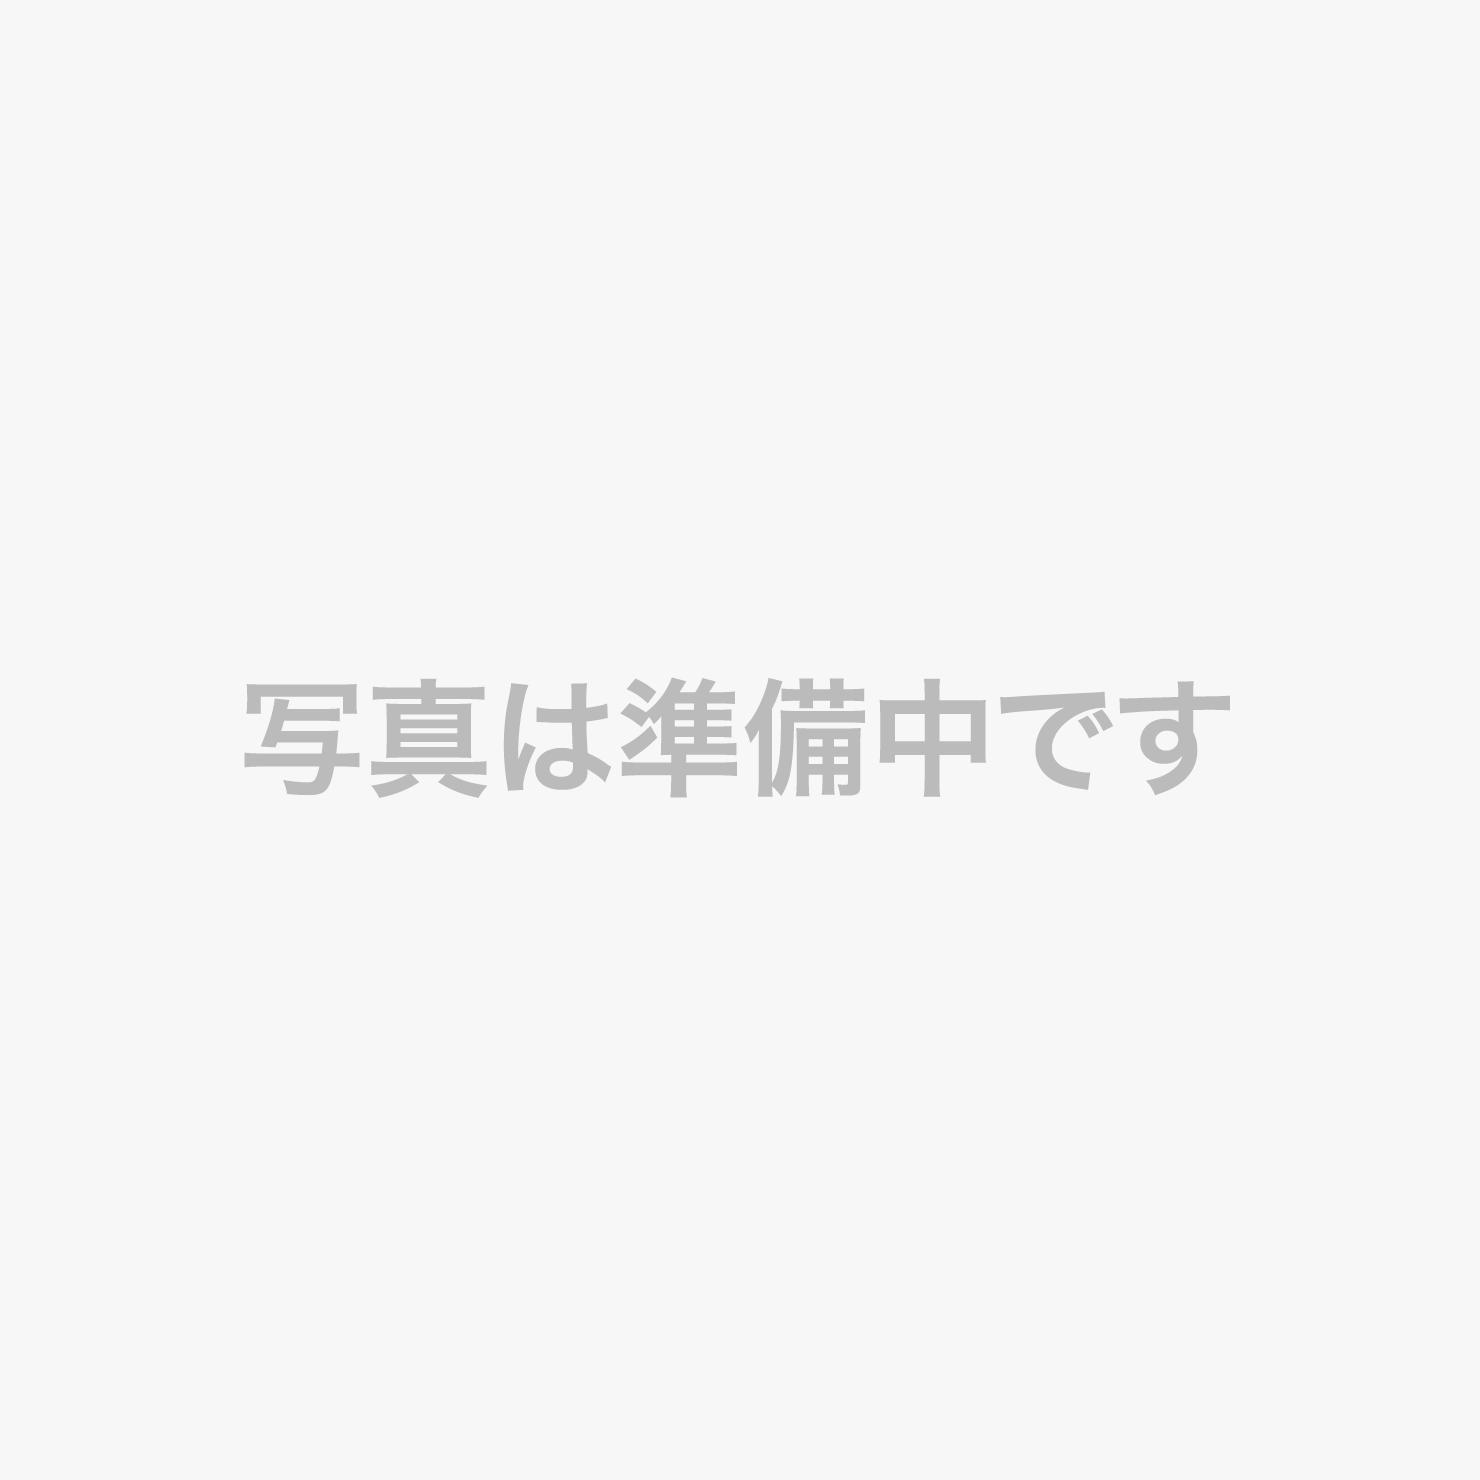 鉄板焼 葵(地下1階)店舗イメージ